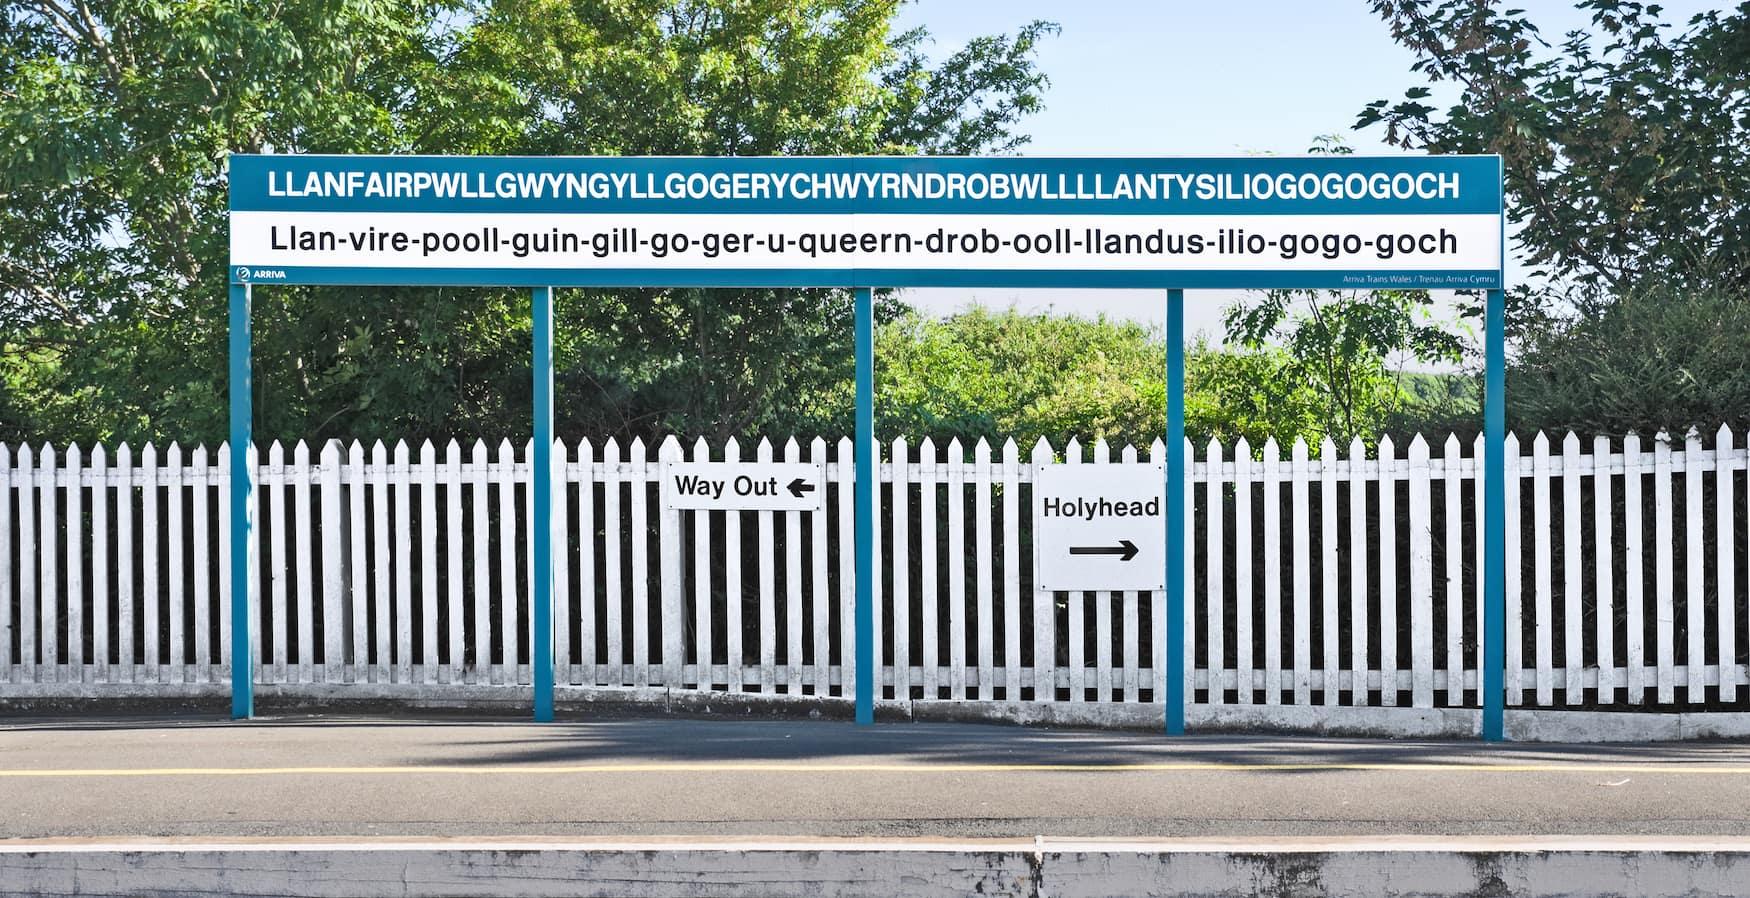 Llanfairpwllgwyngyllgogerychwyrndrobwllllantysiliogogogoch: Der längste Ortsname Europas